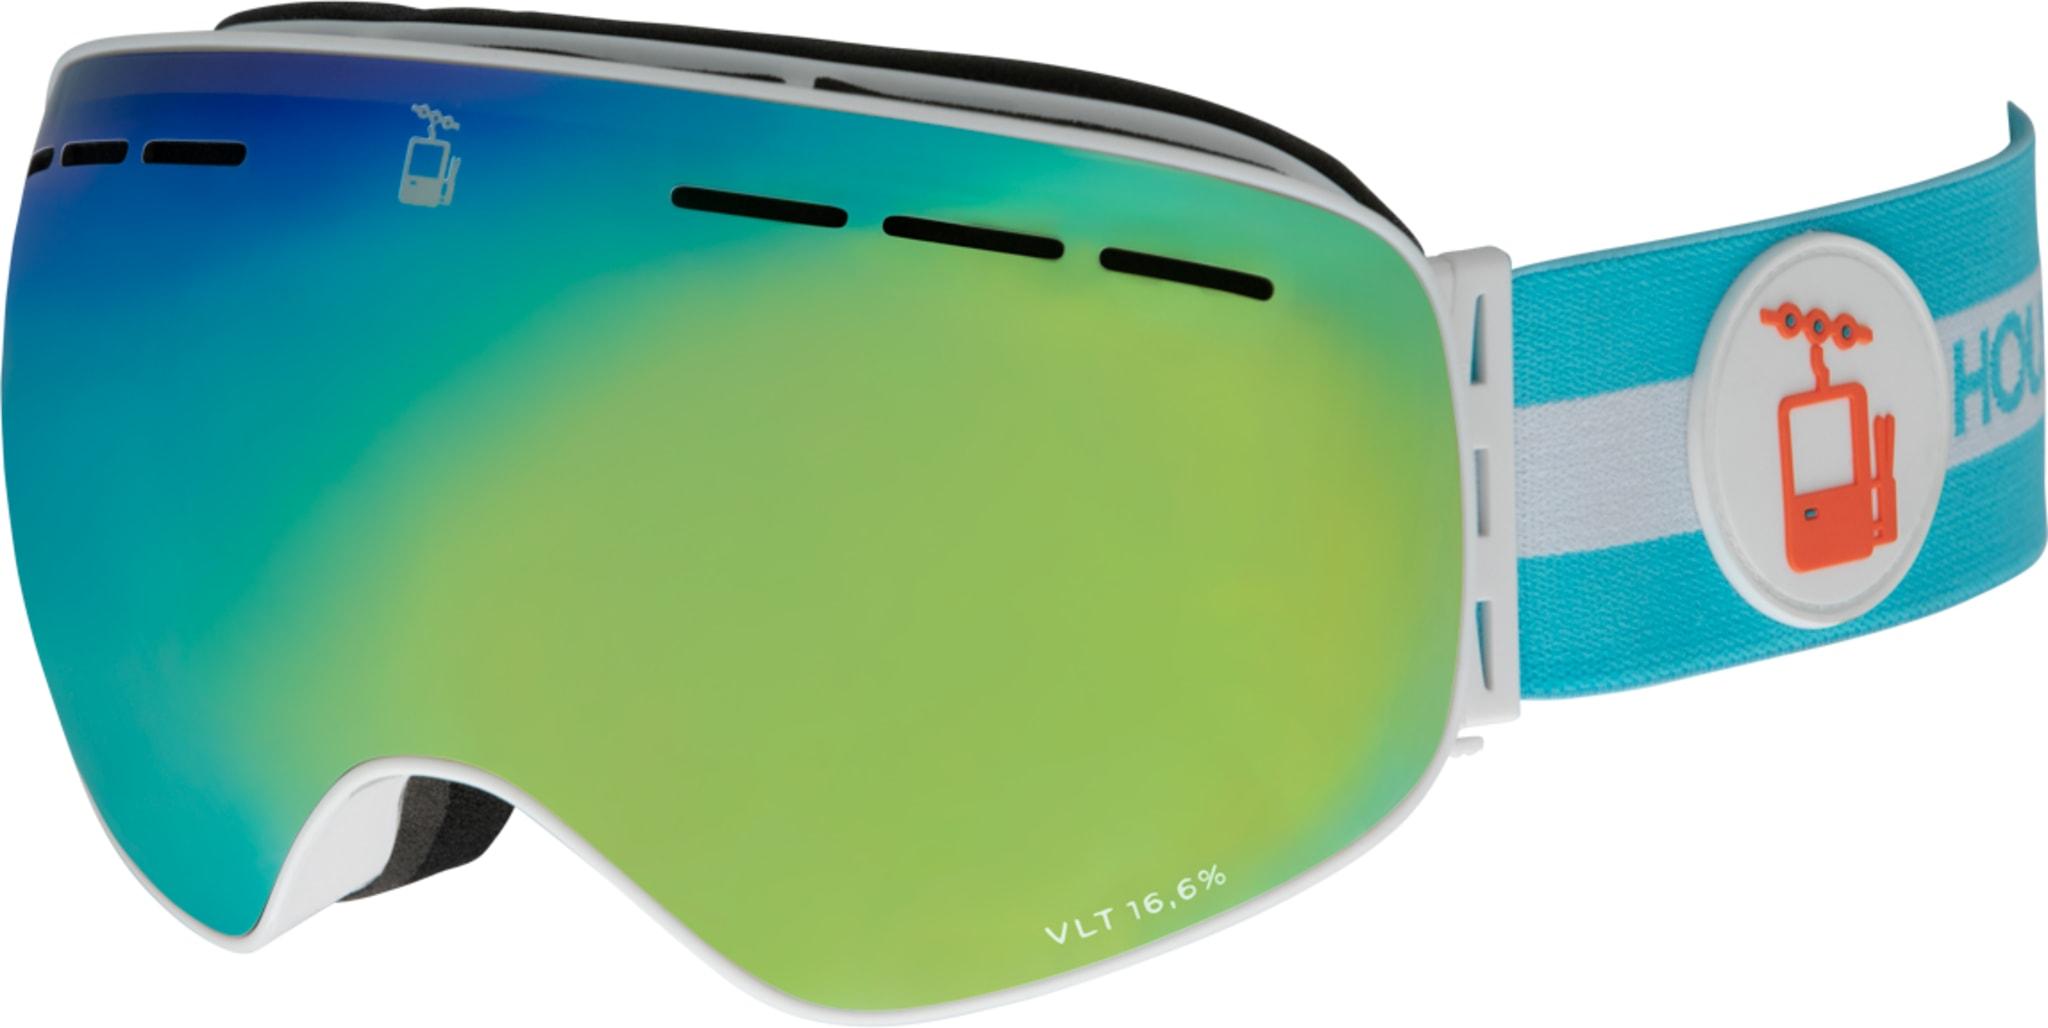 Mutineer 2.0 Goggles Premium Pack